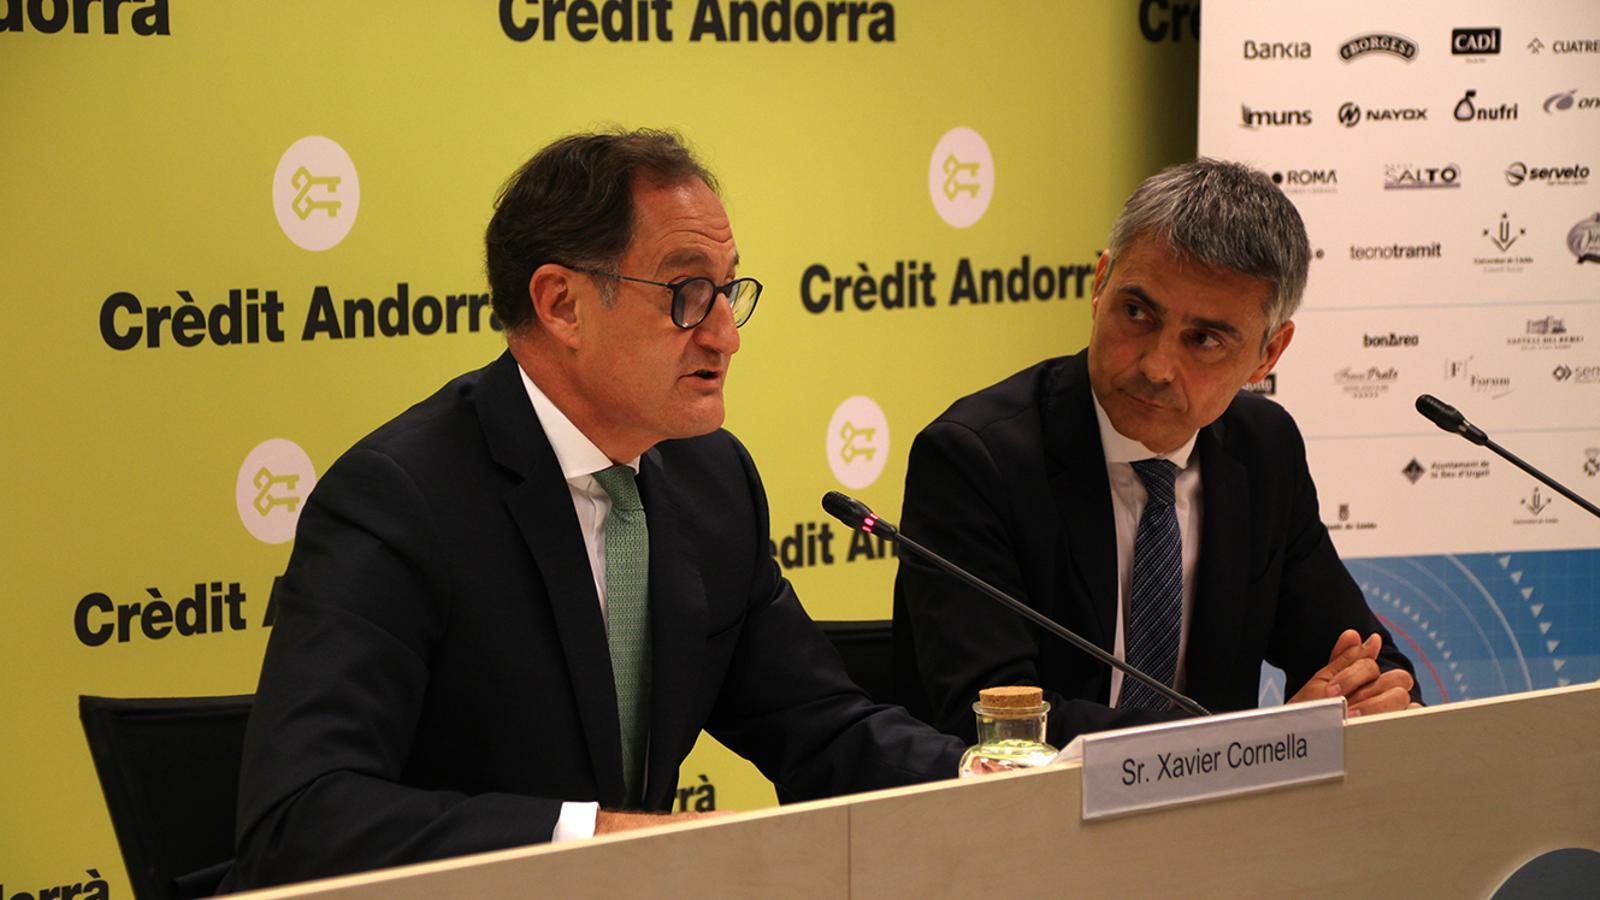 El conseller executiu i director general de Crèdit Andorrà, Xavier Cornella, i el president de la Trobada Empresarial al Pirineu, Vicenç Voltes, en la roda de premsa de presentació de la cita. / M. M. (ANA)